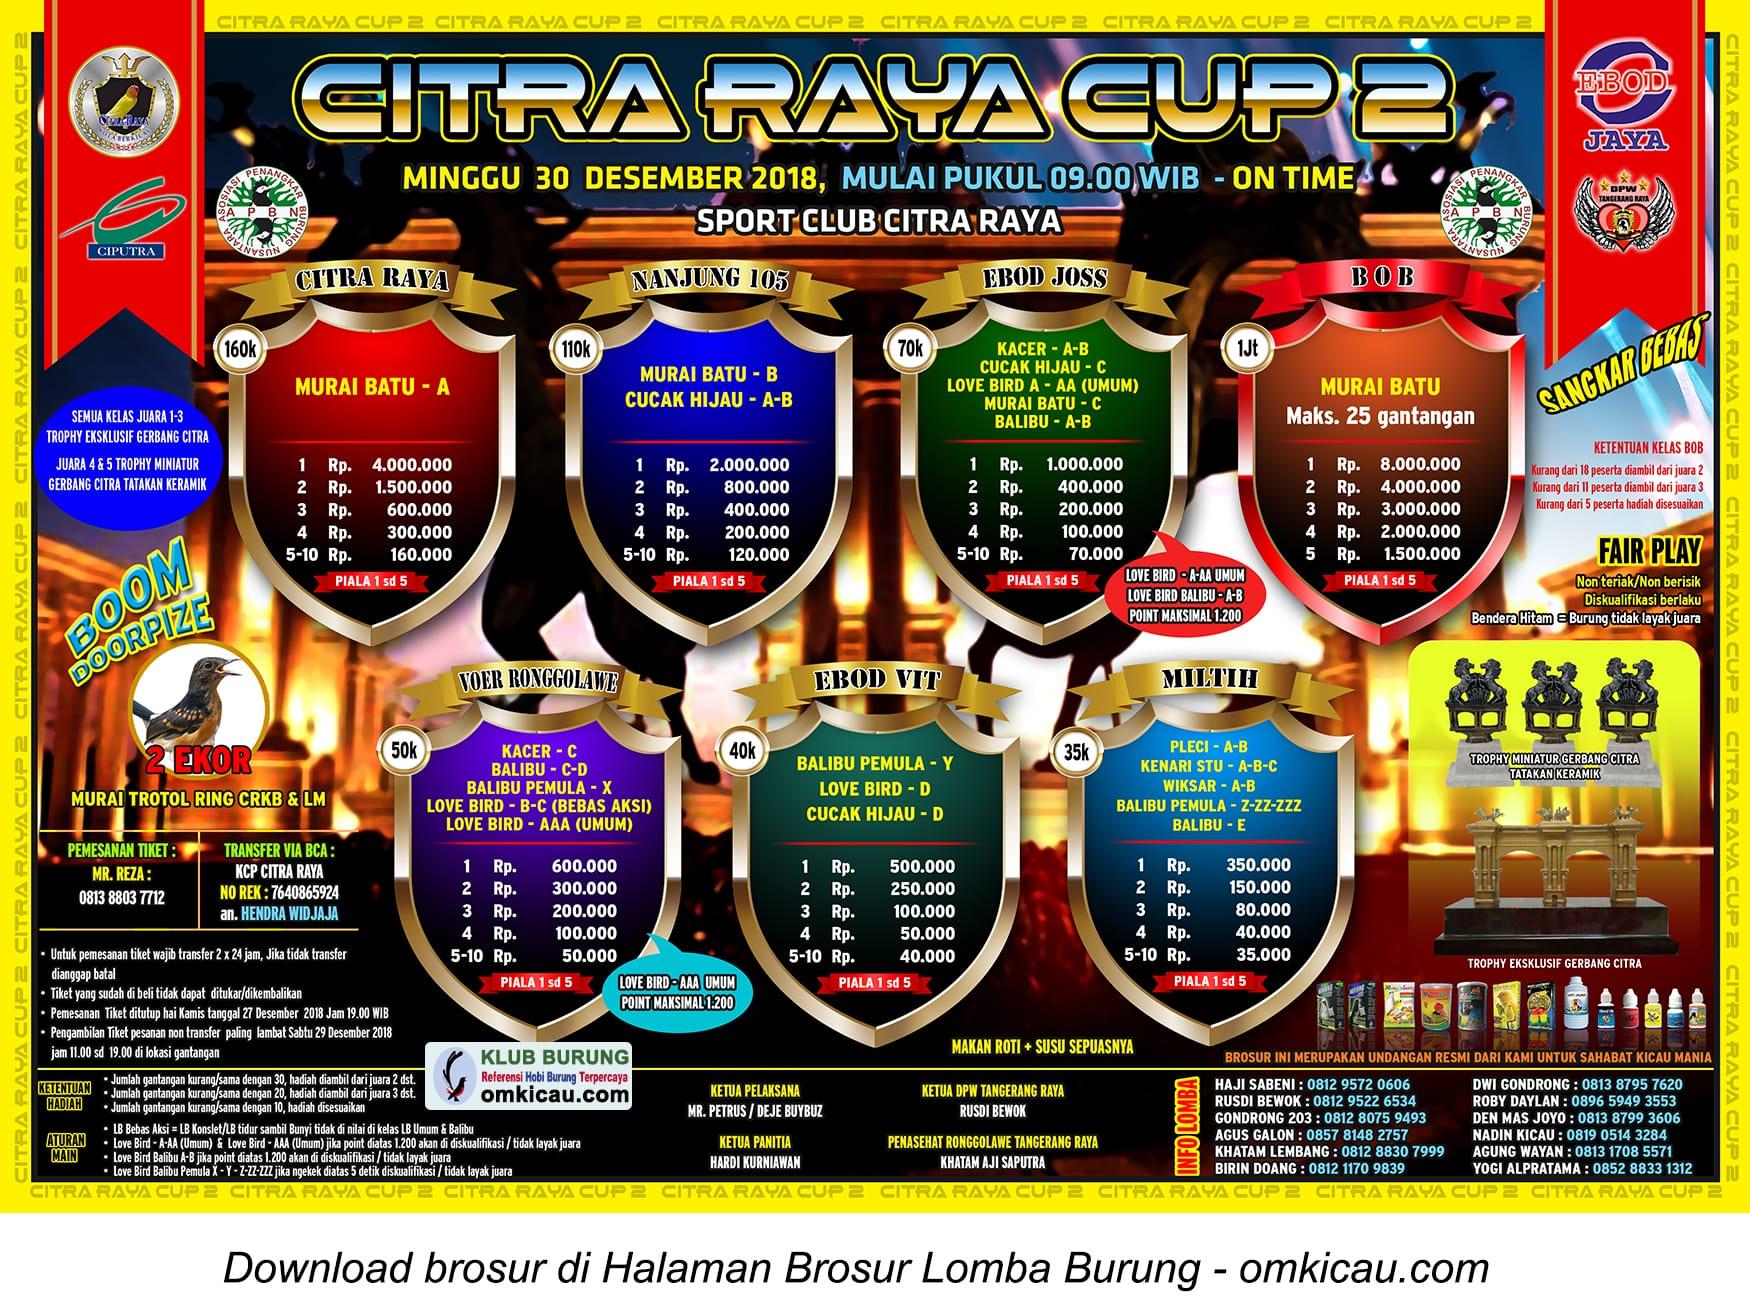 Citra Raya Cup 2